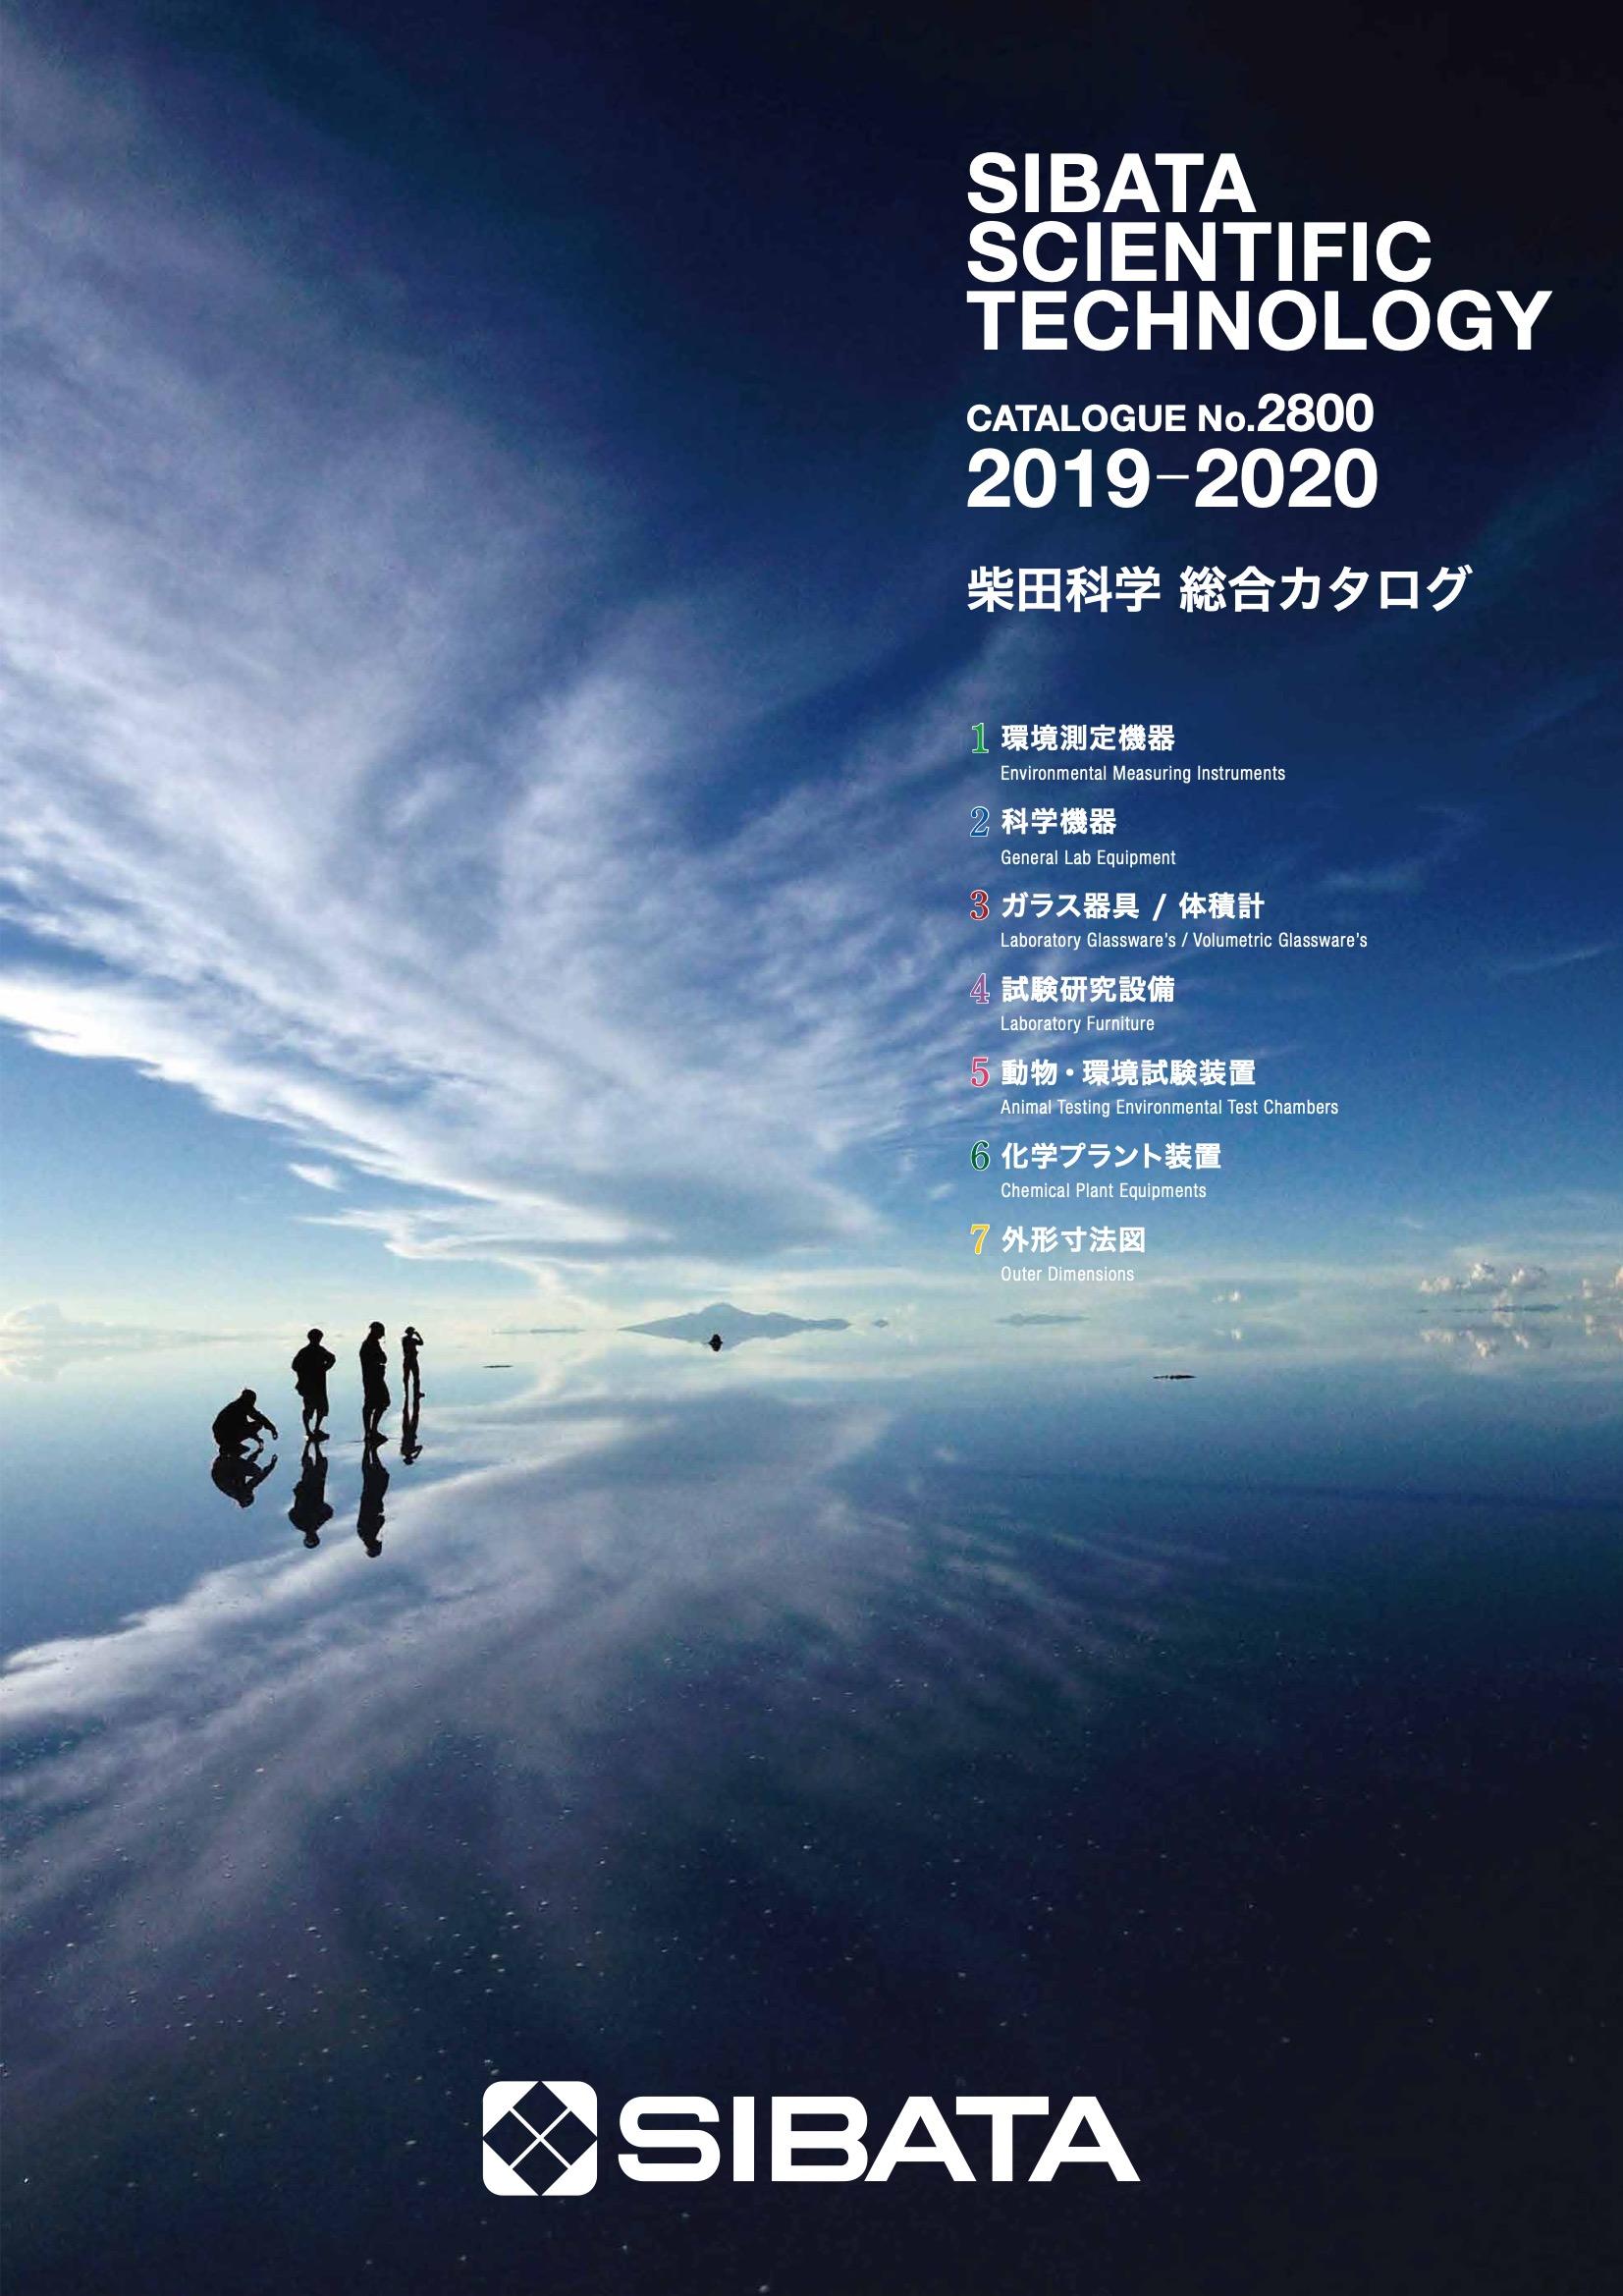 柴田科学 総合カタログ 2800号